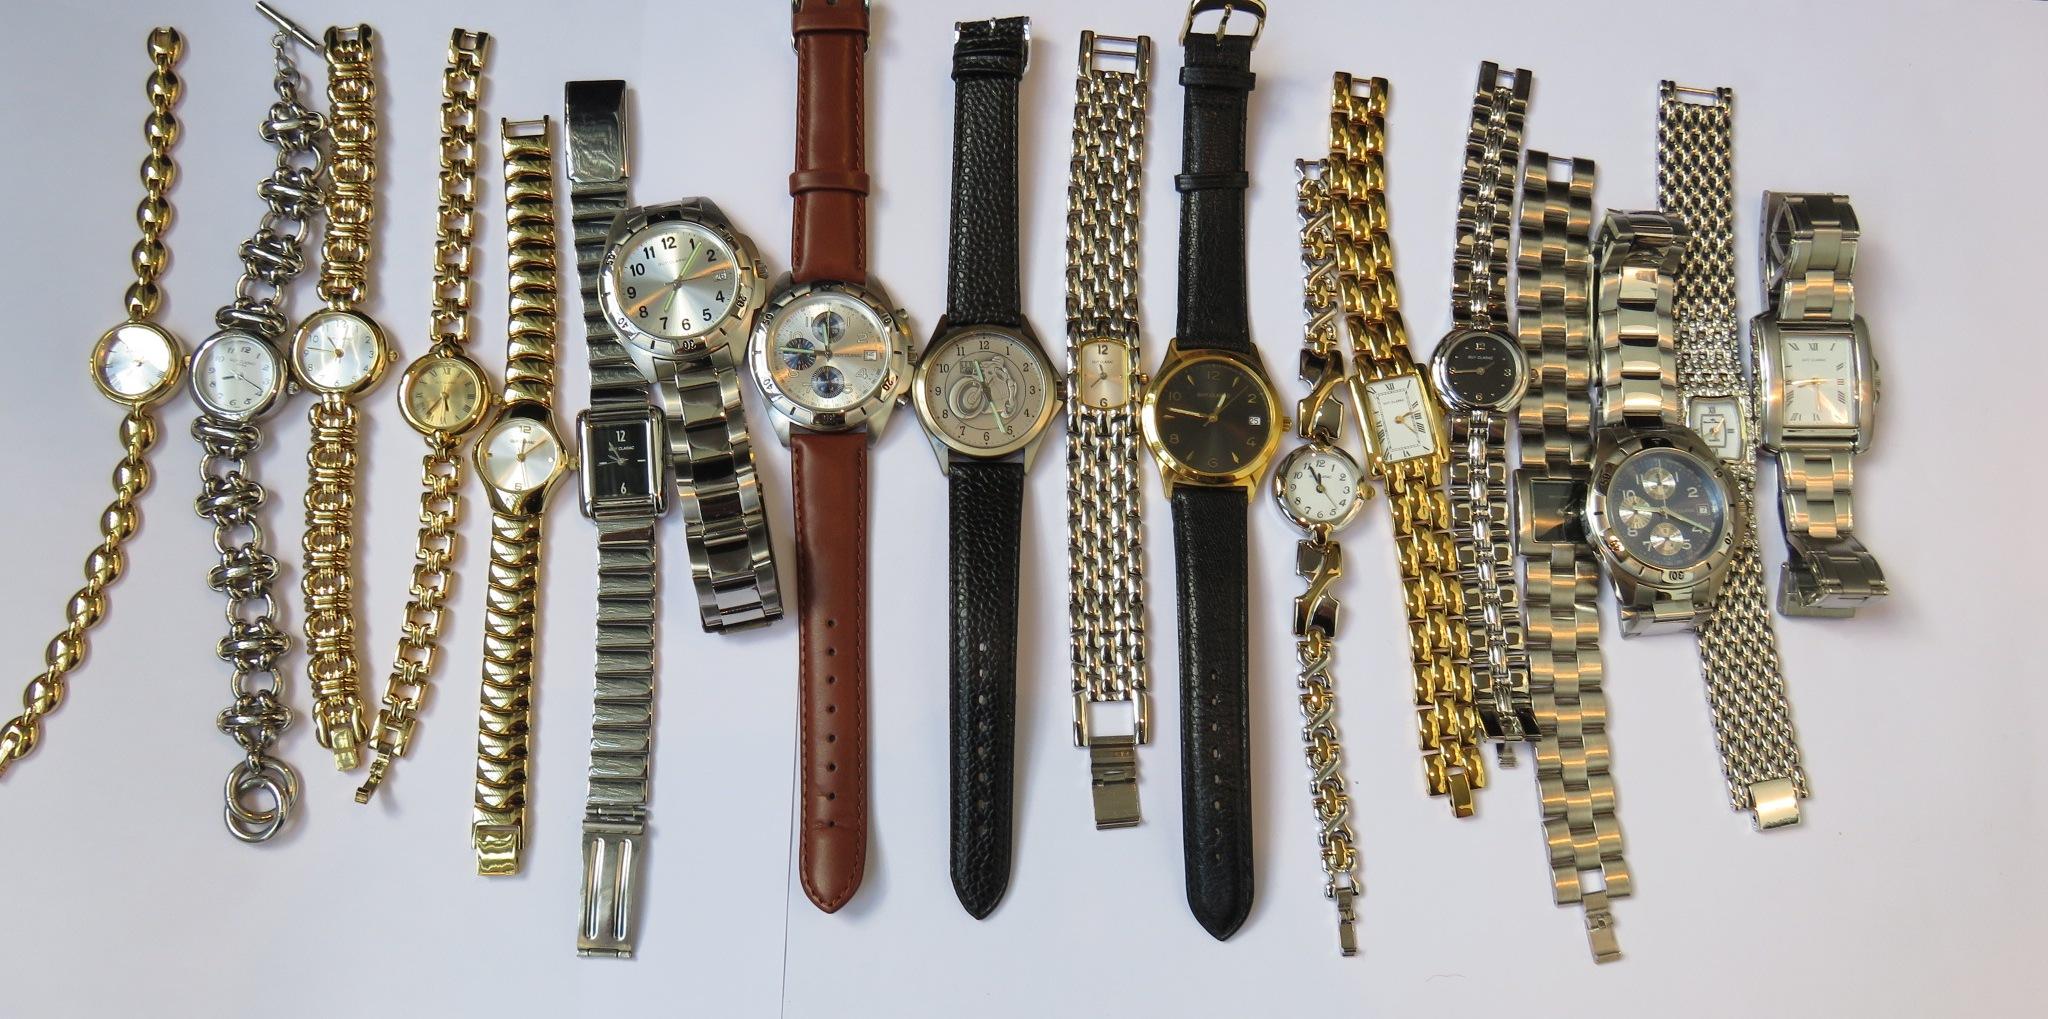 268ef562c5 Lot de 18 montres de marque GUY CLARAC, modèles homme et femme. Mécanisme à  [...], Bijoux et Montres at Rennes Enchères | Auction.fr